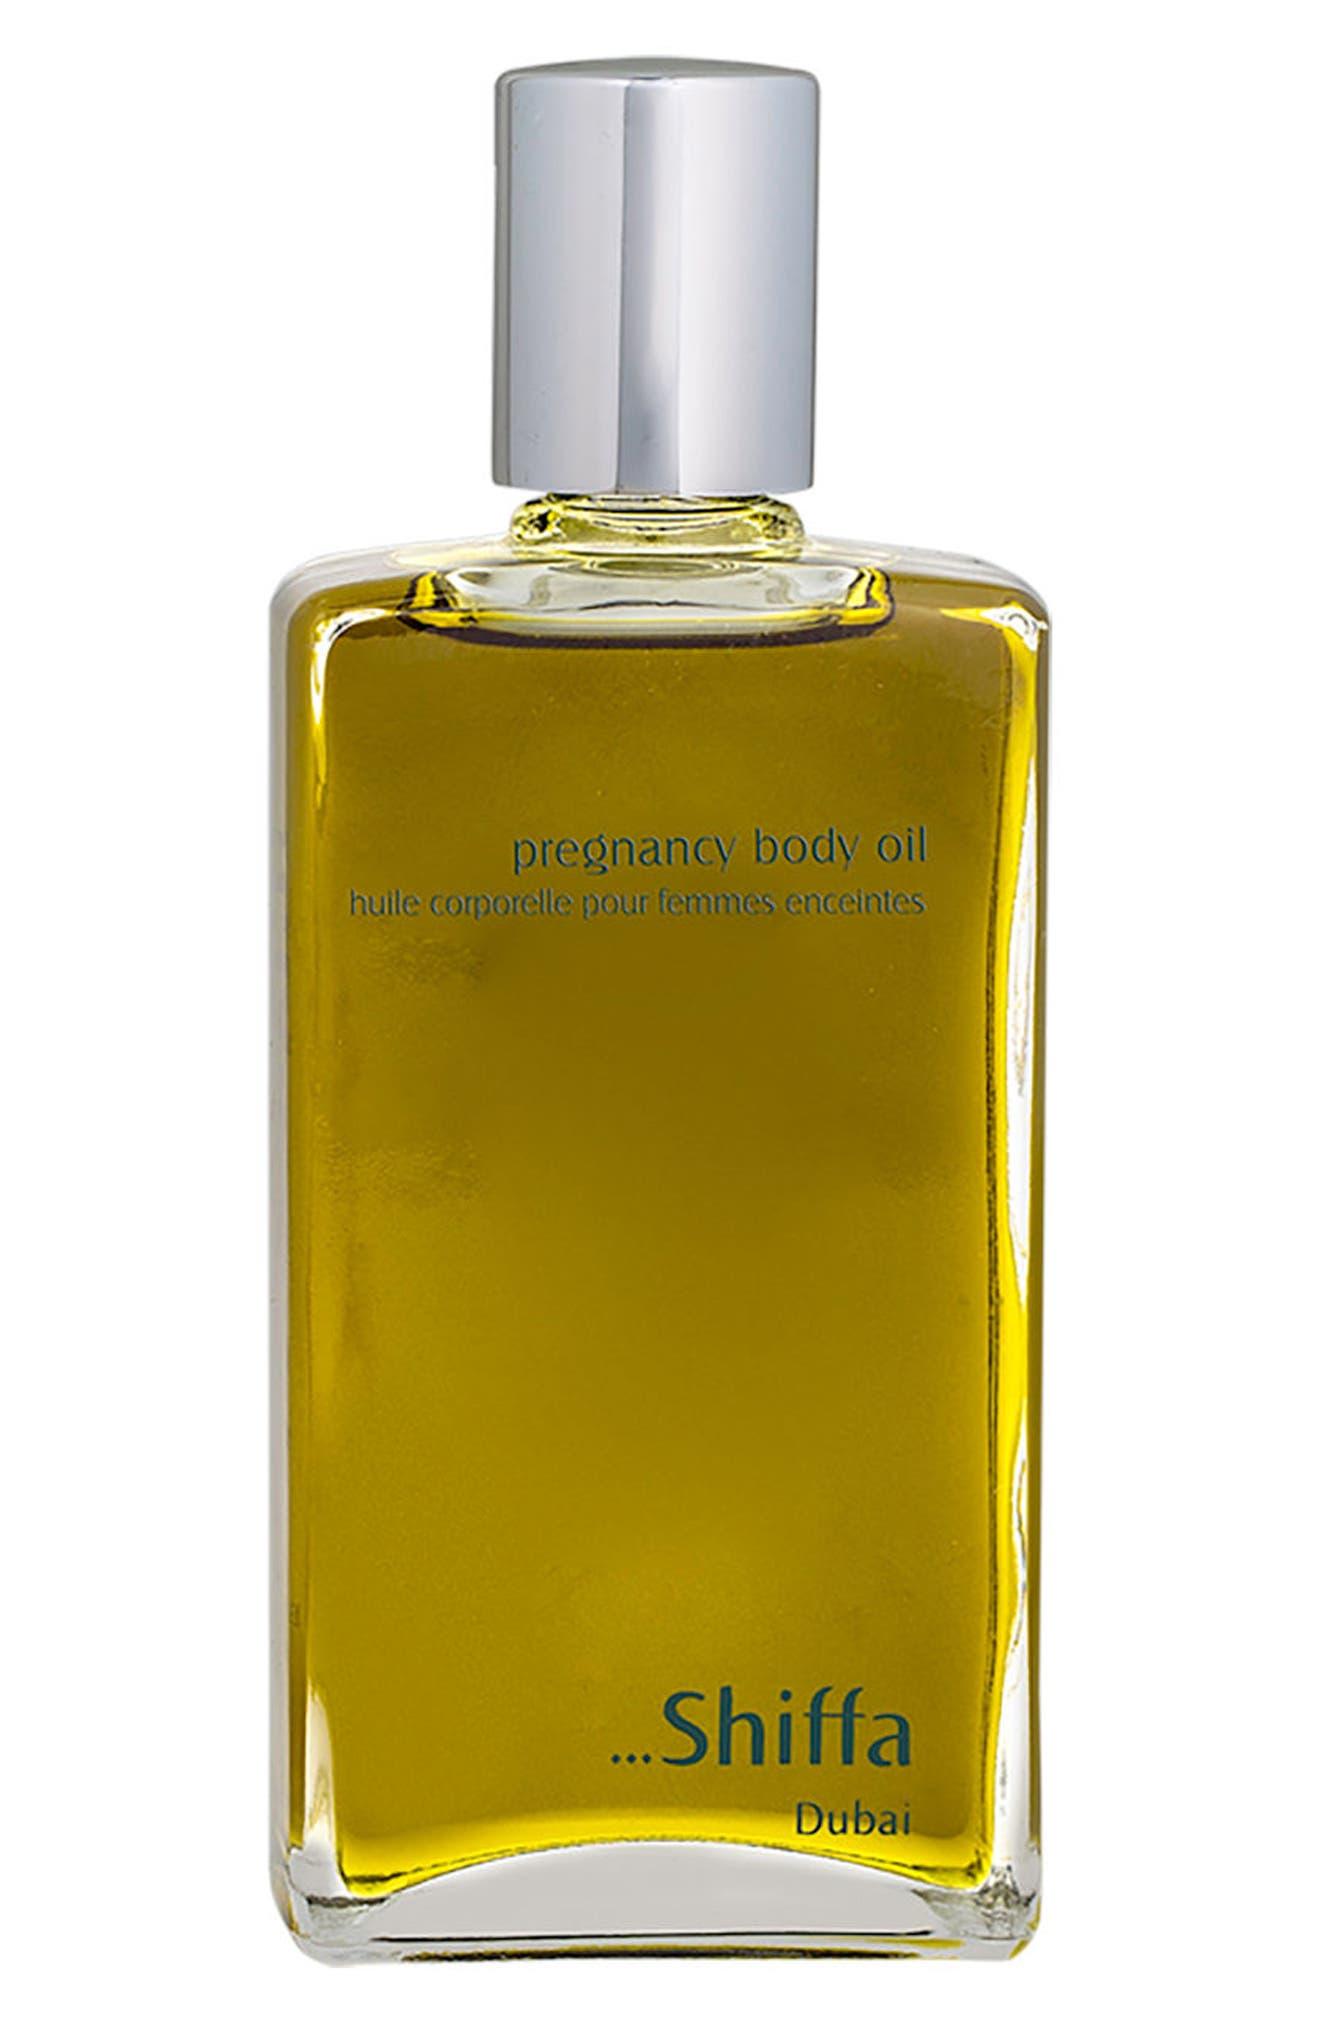 Main Image - Shiffa Pregnancy Body Oil